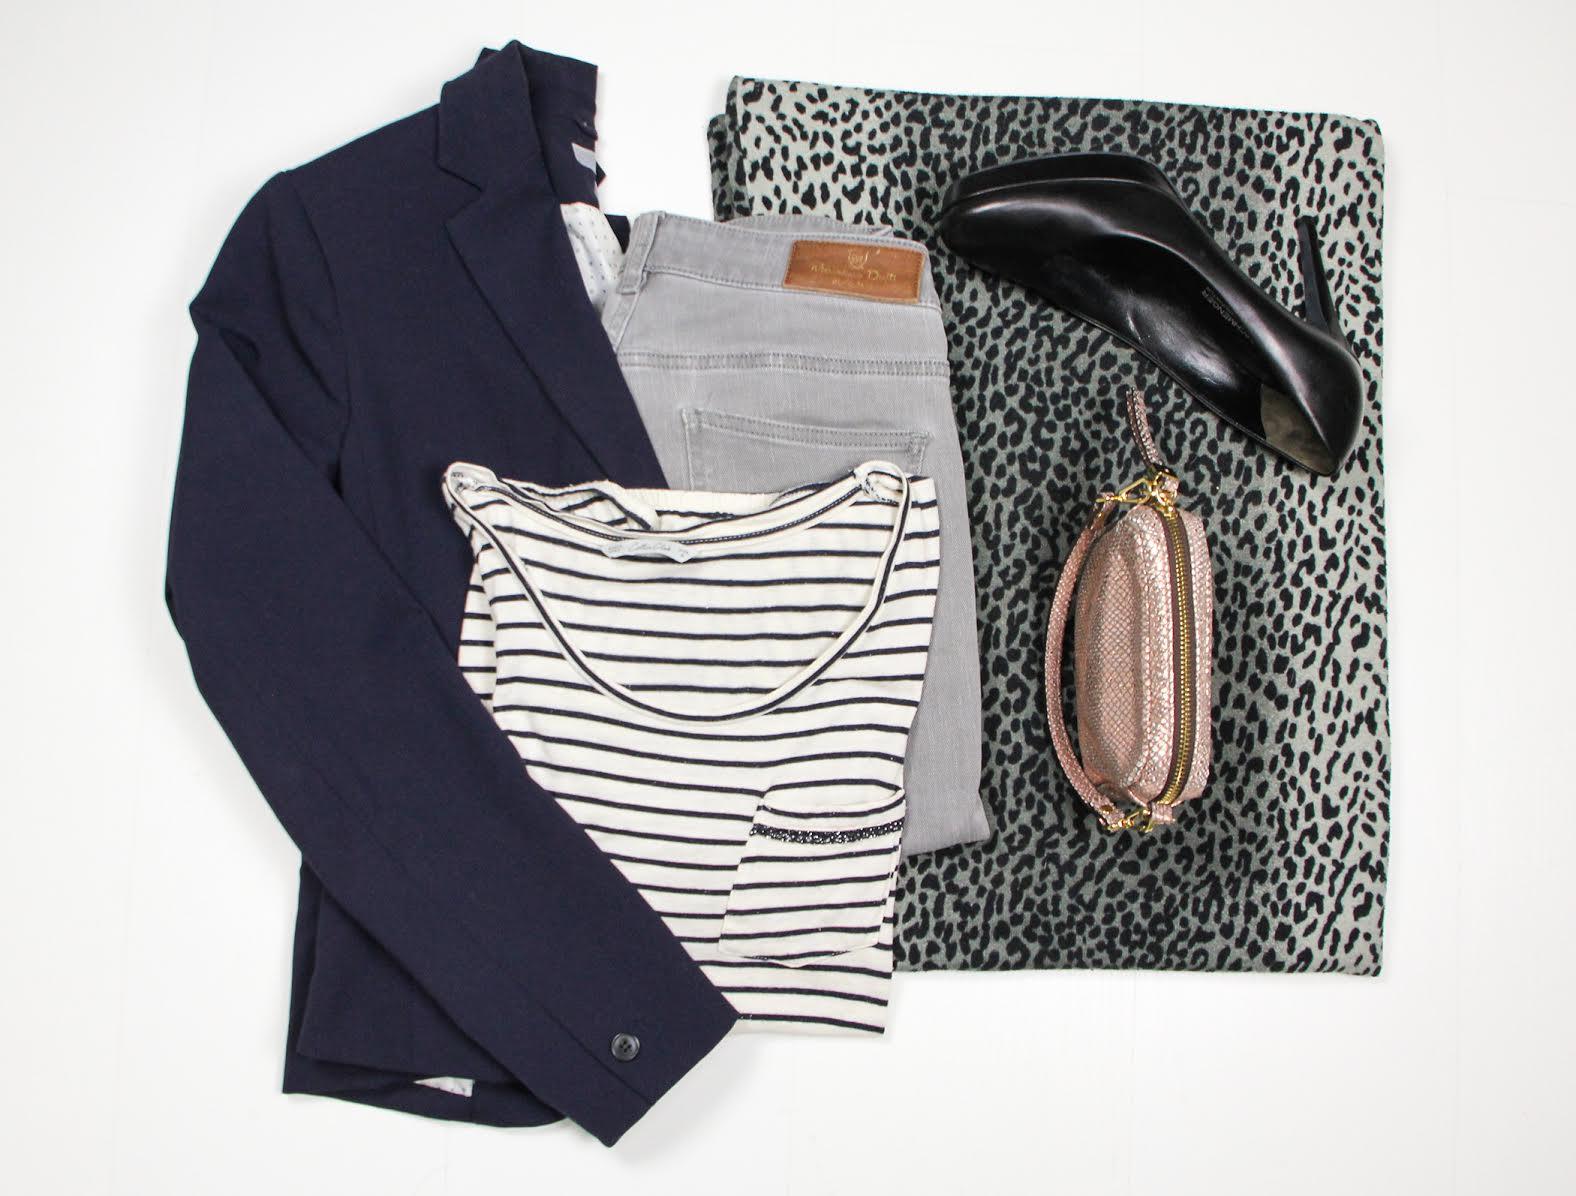 parisienne sparkle outfit stijladvies kledingadvies utrecht blauwe blazer skinny streepjes